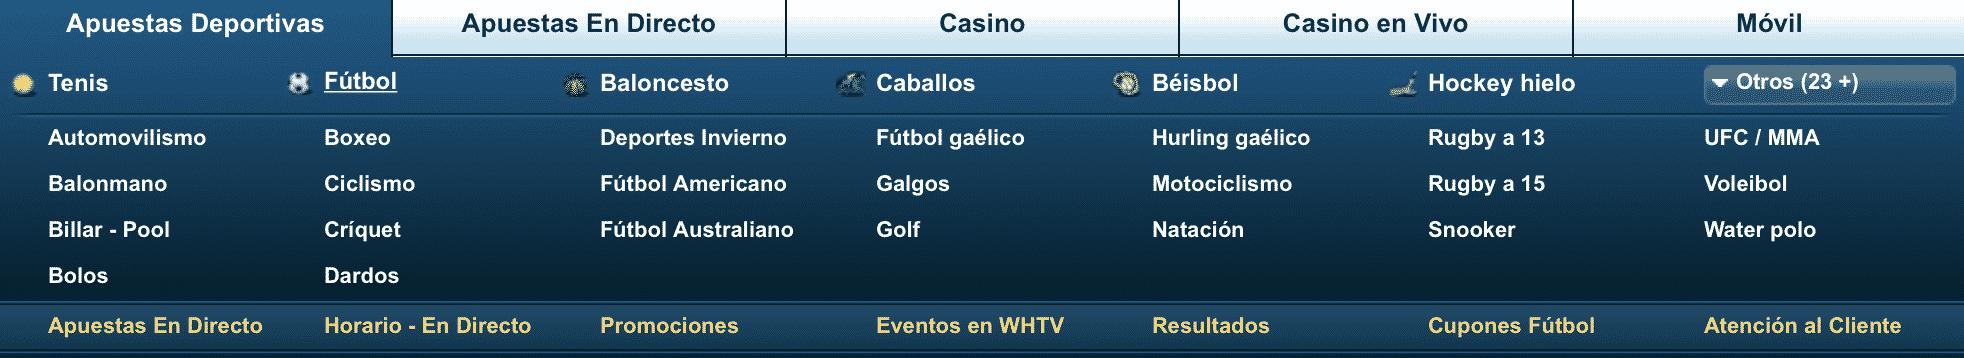 Bonos de 48 y juegue con € 1160 gratis casino en Brasil-549